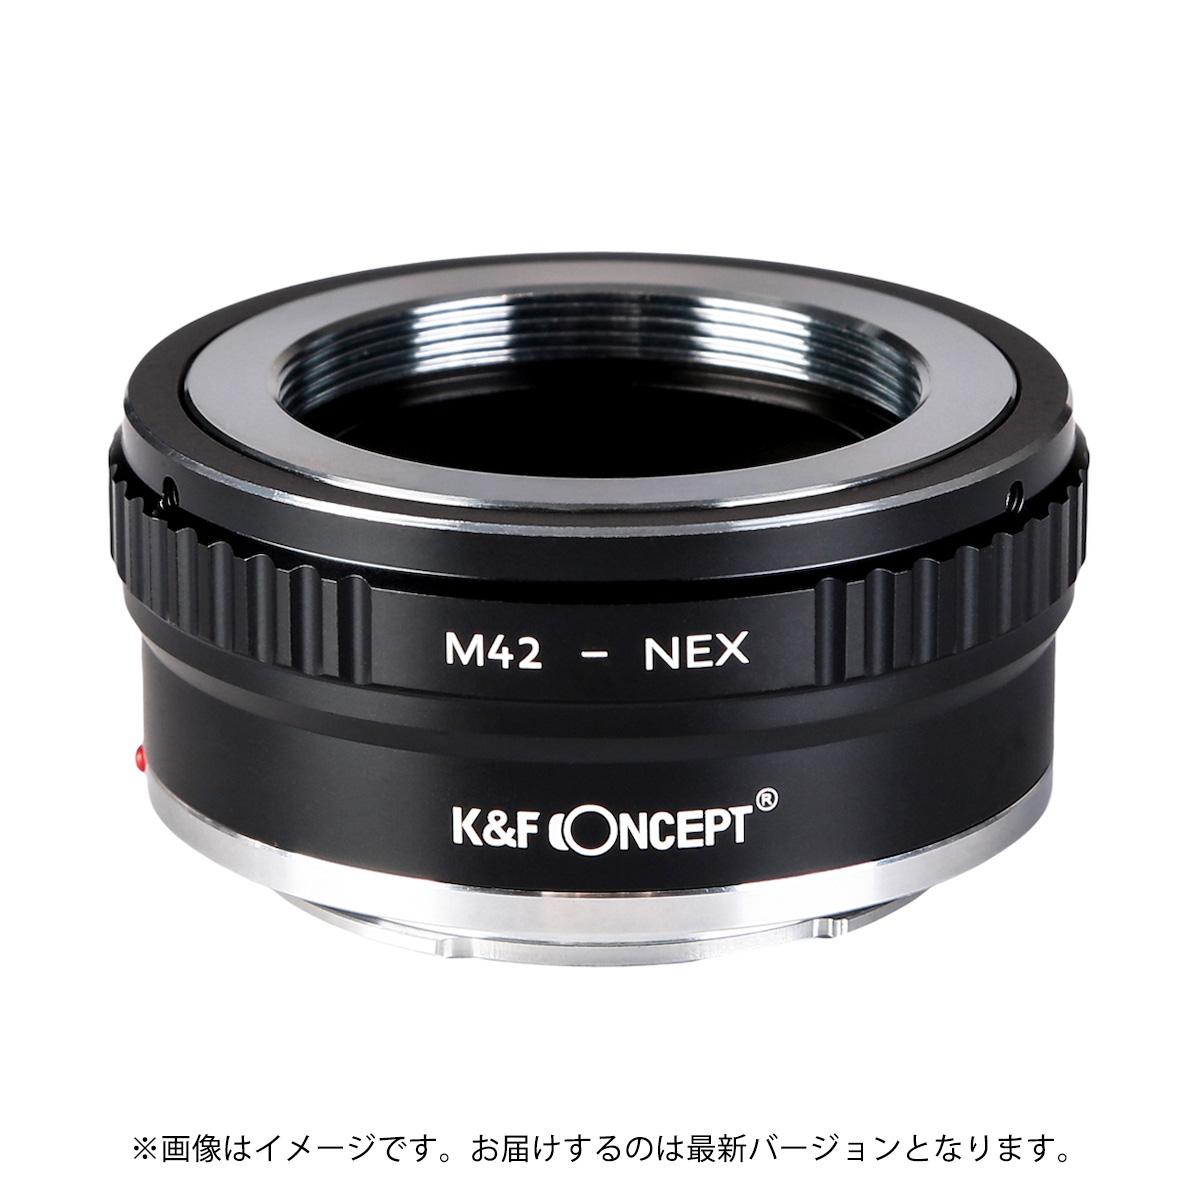 KF CONCEPT Concept 春の新作 レンズマウントアダプター M42マウントレンズ KF-42E2 → 限定特価 ソニーEマウント変換